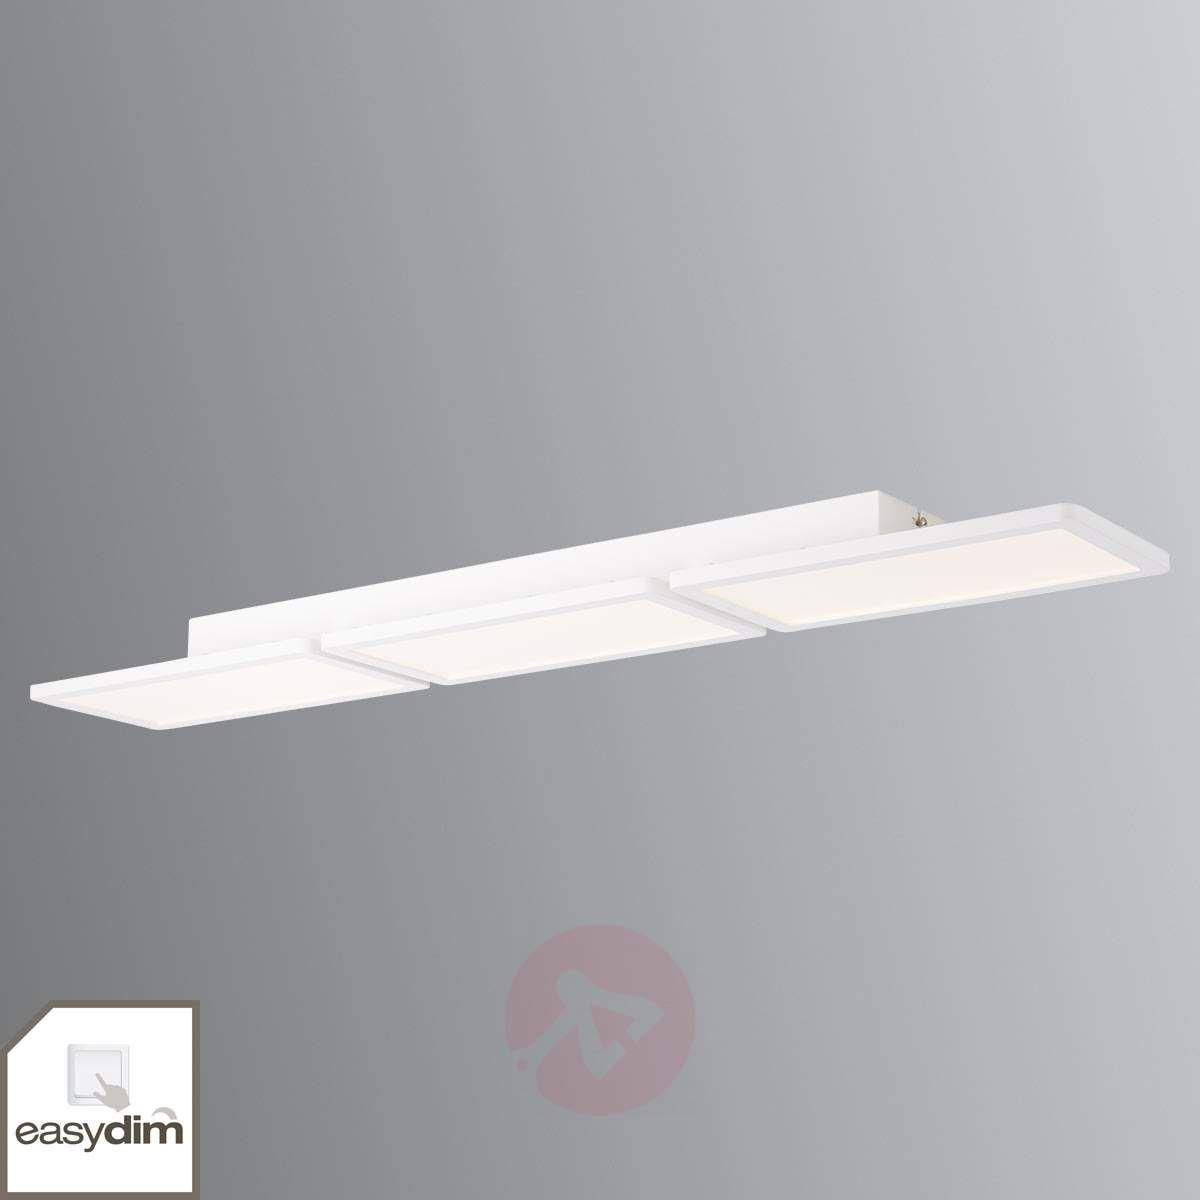 Trzypunktowa Lampa Sufitowa Led Scope ściemniana Lampy